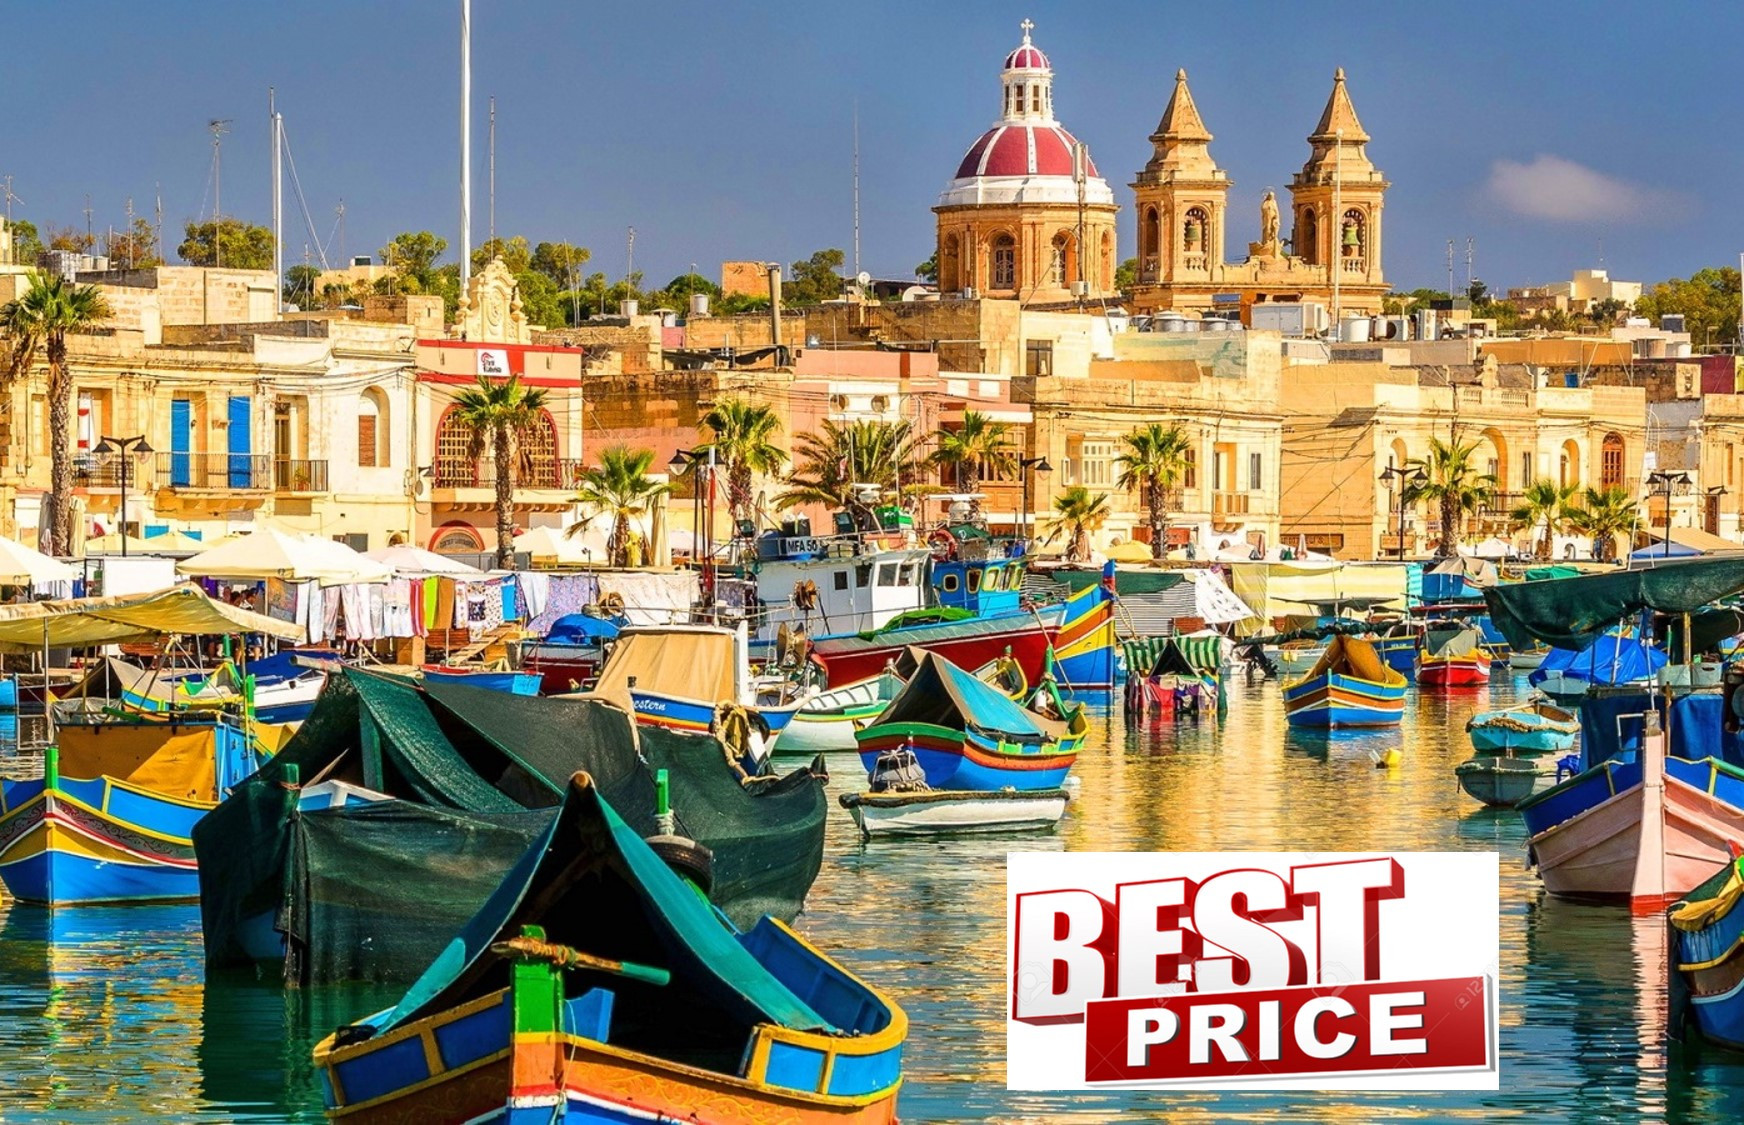 ΜΑΛΤΑ στην καλύτερη τιμή της αγοράς! Από 240€ για 4 μέρες με Αεροπορικά, Κεντρικό Ξενοδοχείο & Φόρους πληρωμένους